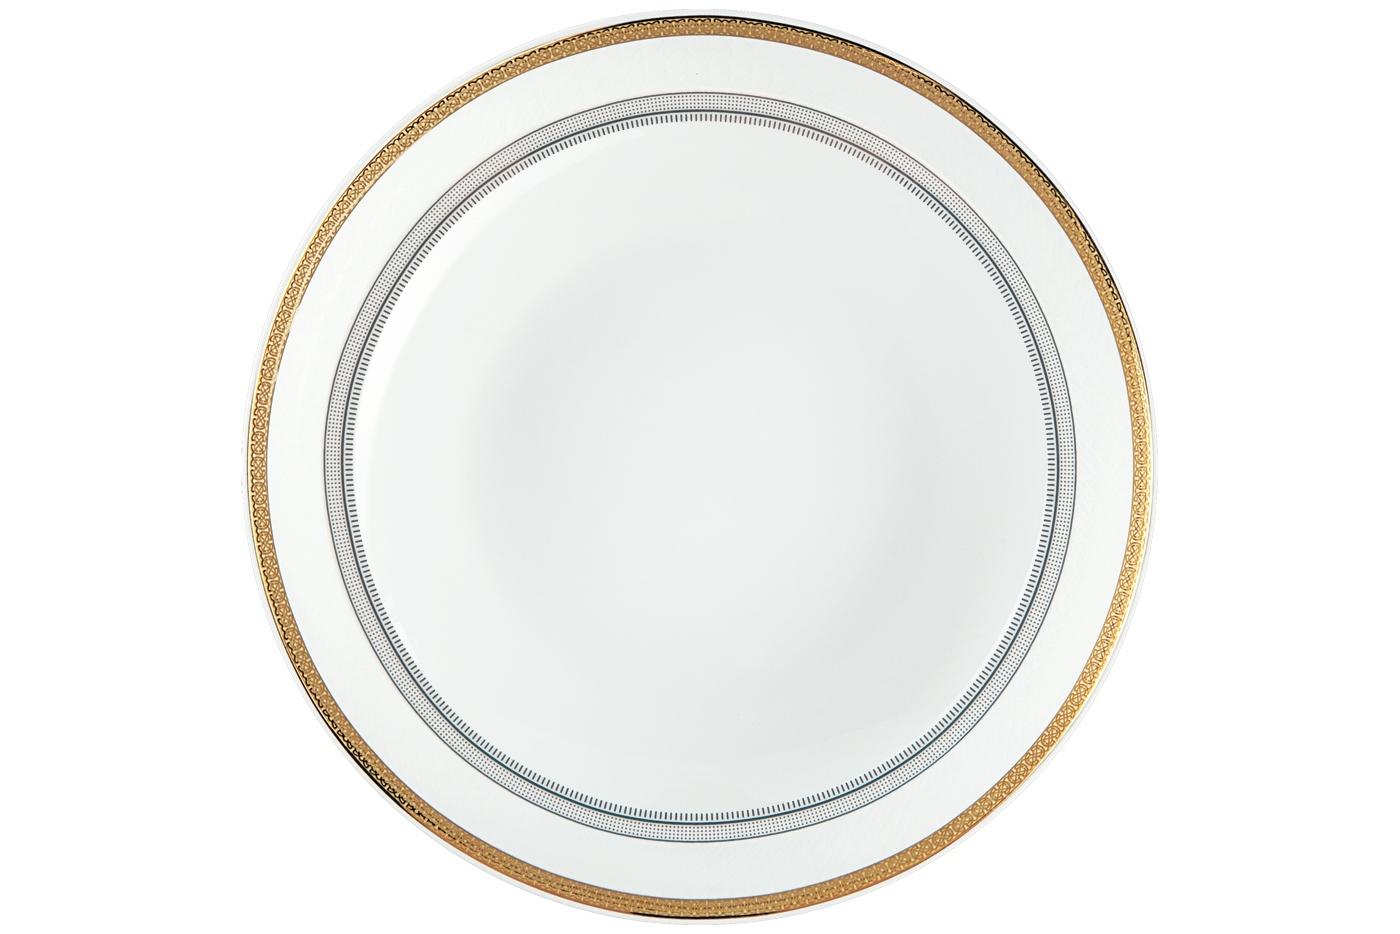 Набор из 6 тарелок суповых Royal Aurel Консул (20см) арт.703Наборы тарелок<br>Набор из 6 тарелок суповых Royal Aurel Консул (20см) арт.703<br>Производить посуду из фарфора начали в Китае на стыке 6-7 веков. Неустанно совершенствуя и селективно отбирая сырье для производства посуды из фарфора, мастерам удалось добиться выдающихся характеристик фарфора: белизны и тонкостенности. В XV веке появился особый интерес к китайской фарфоровой посуде, так как в это время Европе возникла мода на самобытные китайские вещи. Роскошный китайский фарфор являлся изыском и был в новинку, поэтому он выступал в качестве подарка королям, а также знатным людям. Такой дорогой подарок был очень престижен и по праву являлся элитной посудой. Как известно из многочисленных исторических документов, в Европе китайские изделия из фарфора ценились практически как золото. <br>Проверка изделий из костяного фарфора на подлинность <br>По сравнению с производством других видов фарфора процесс производства изделий из настоящего костяного фарфора сложен и весьма длителен. Посуда из изящного фарфора - это элитная посуда, которая всегда ассоциируется с богатством, величием и благородством. Несмотря на небольшую толщину, фарфоровая посуда - это очень прочное изделие. Для демонстрации плотности и прочности фарфора можно легко коснуться предметов посуды из фарфора деревянной палочкой, и тогда мы услушим характерный металлический звон. В составе фарфоровой посуды присутствует костяная зола, благодаря чему она может быть намного тоньше (не более 2,5 мм) и легче твердого или мягкого фарфора. Безупречная белизна - ключевой признак отличия такого фарфора от других. Цвет обычного фарфора сероватый или ближе к голубоватому, а костяной фарфор будет всегда будет молочно-белого цвета. Характерная и немаловажная деталь - это невесомая прозрачность изделий из фарфора такая, что сквозь него проходит свет.<br>